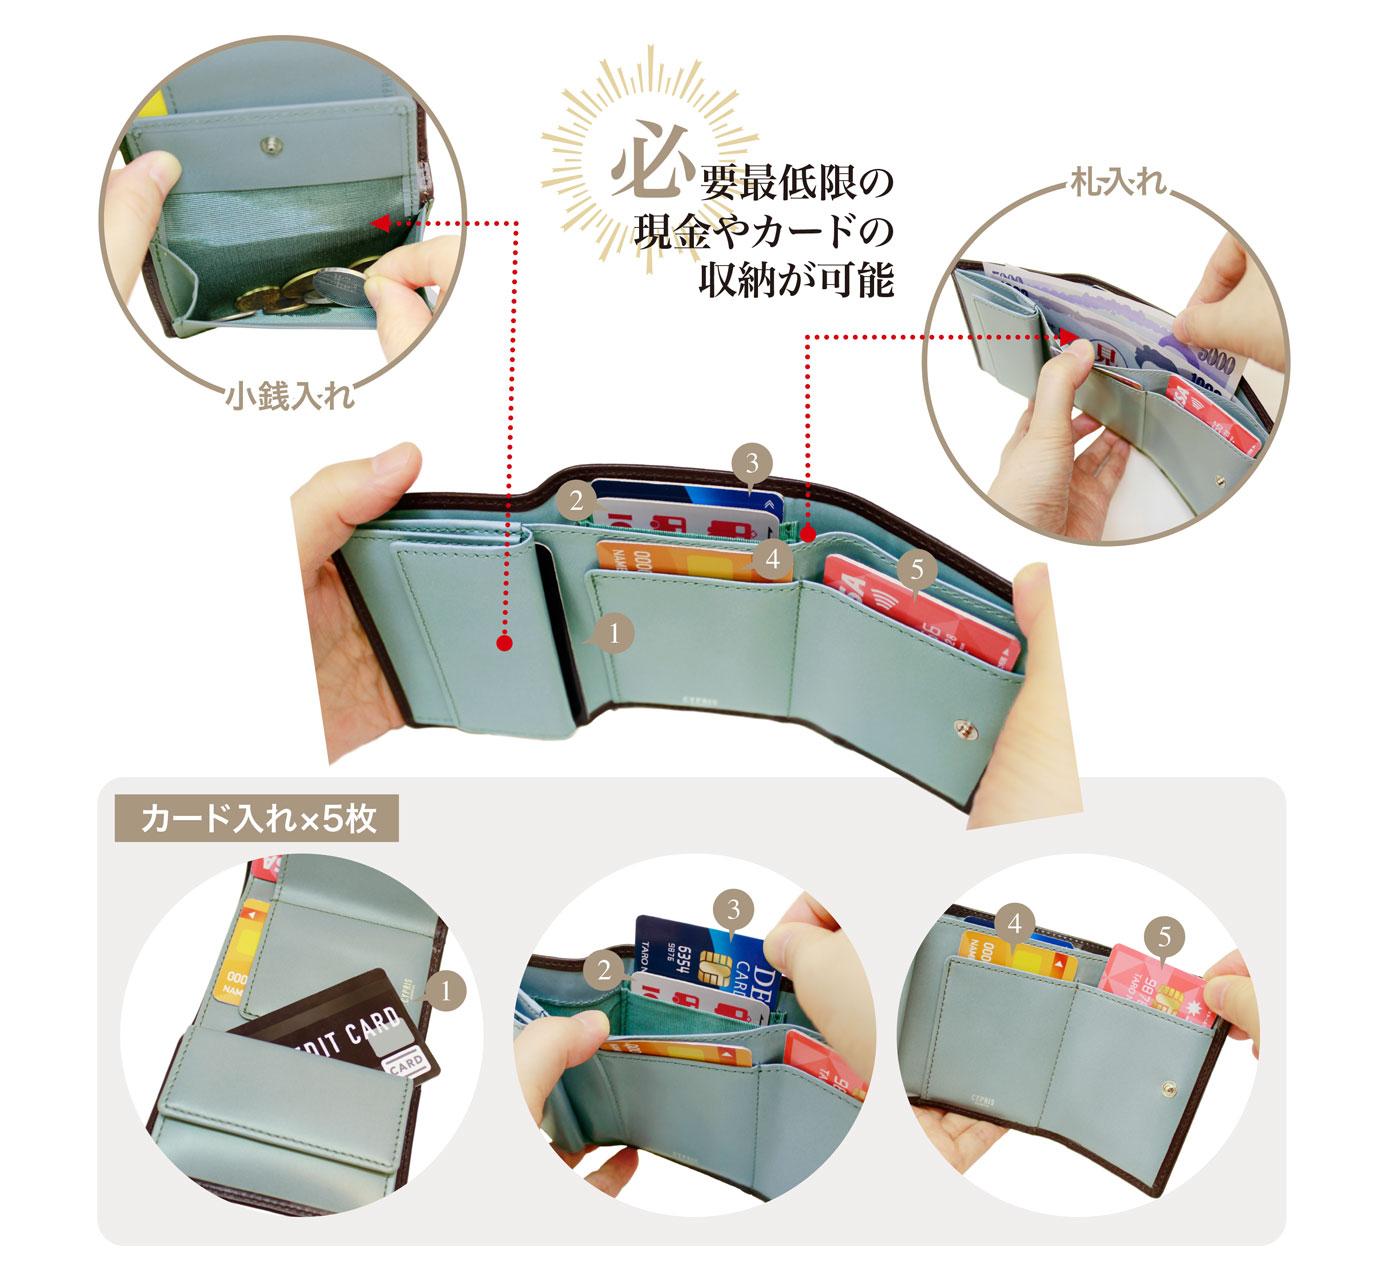 コンパクト財布、革、コンパクトウォレットのキプリス ポケウォレ-BR 三つ折り財布。小銭入れ、カード5枚入れ、札入れ完備。必要最低限の現金やカードが収納可能。